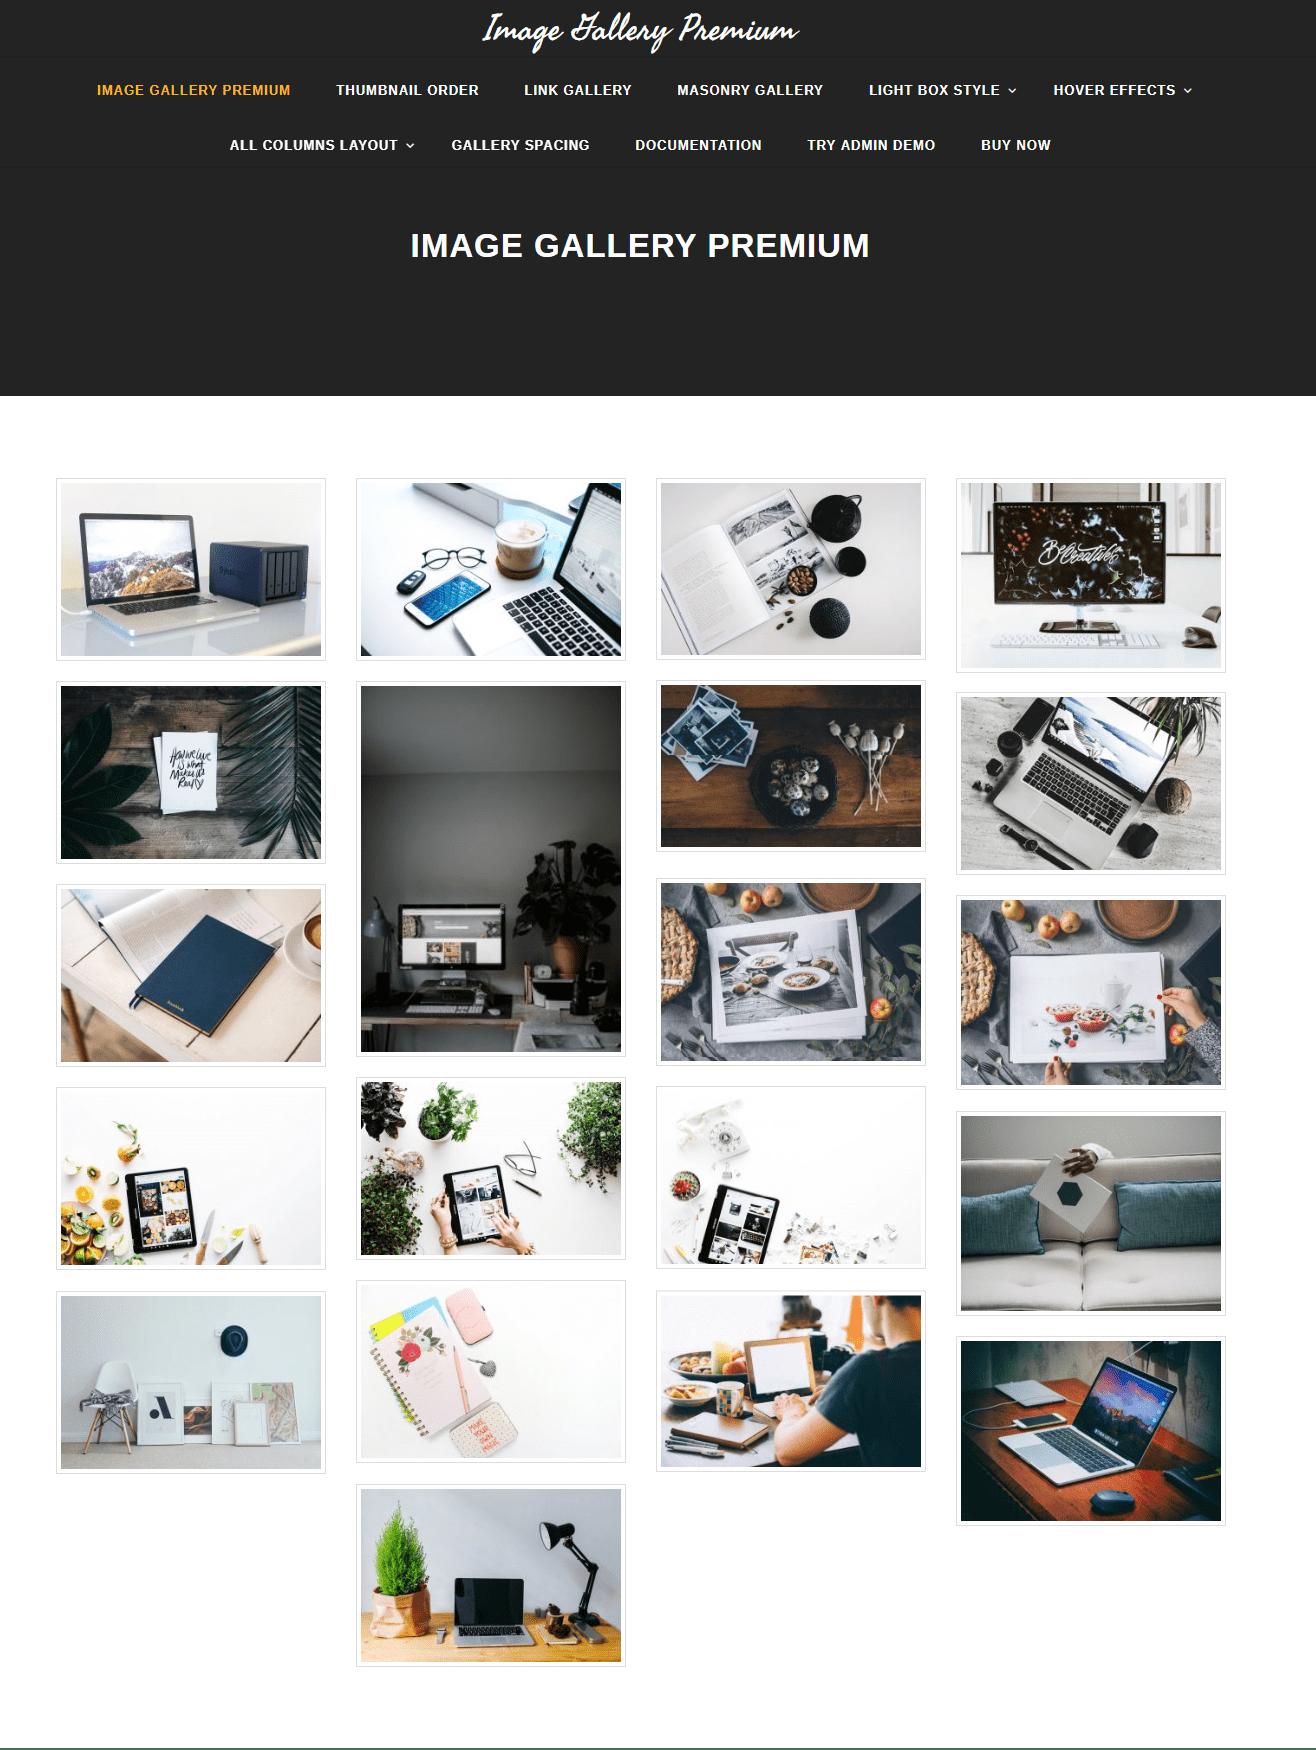 image gallery premium